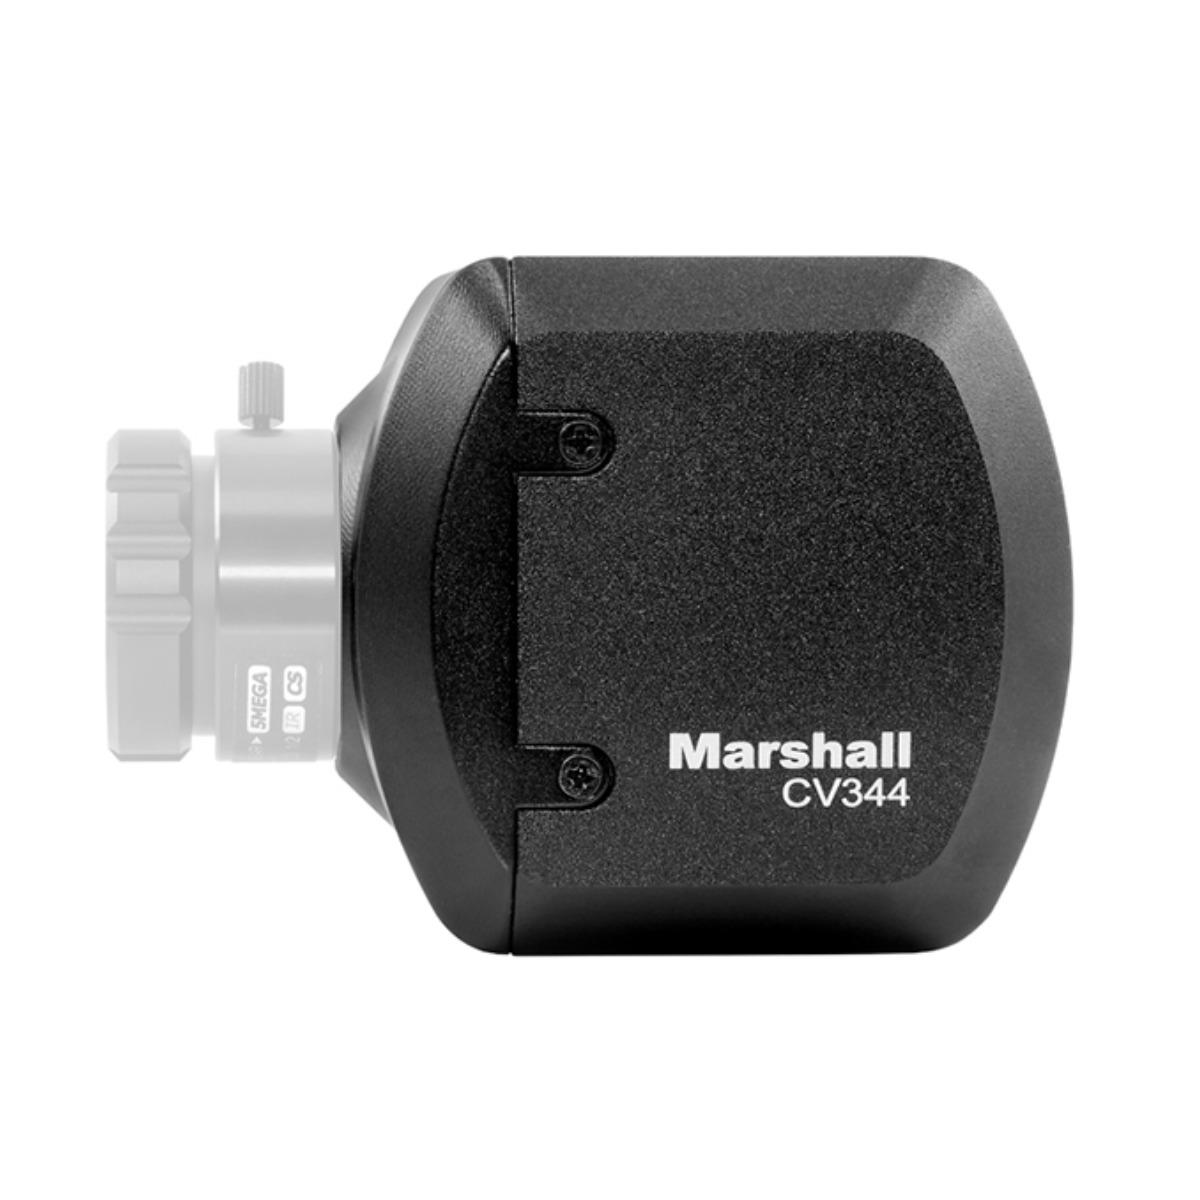 Marshall CV344 camera left